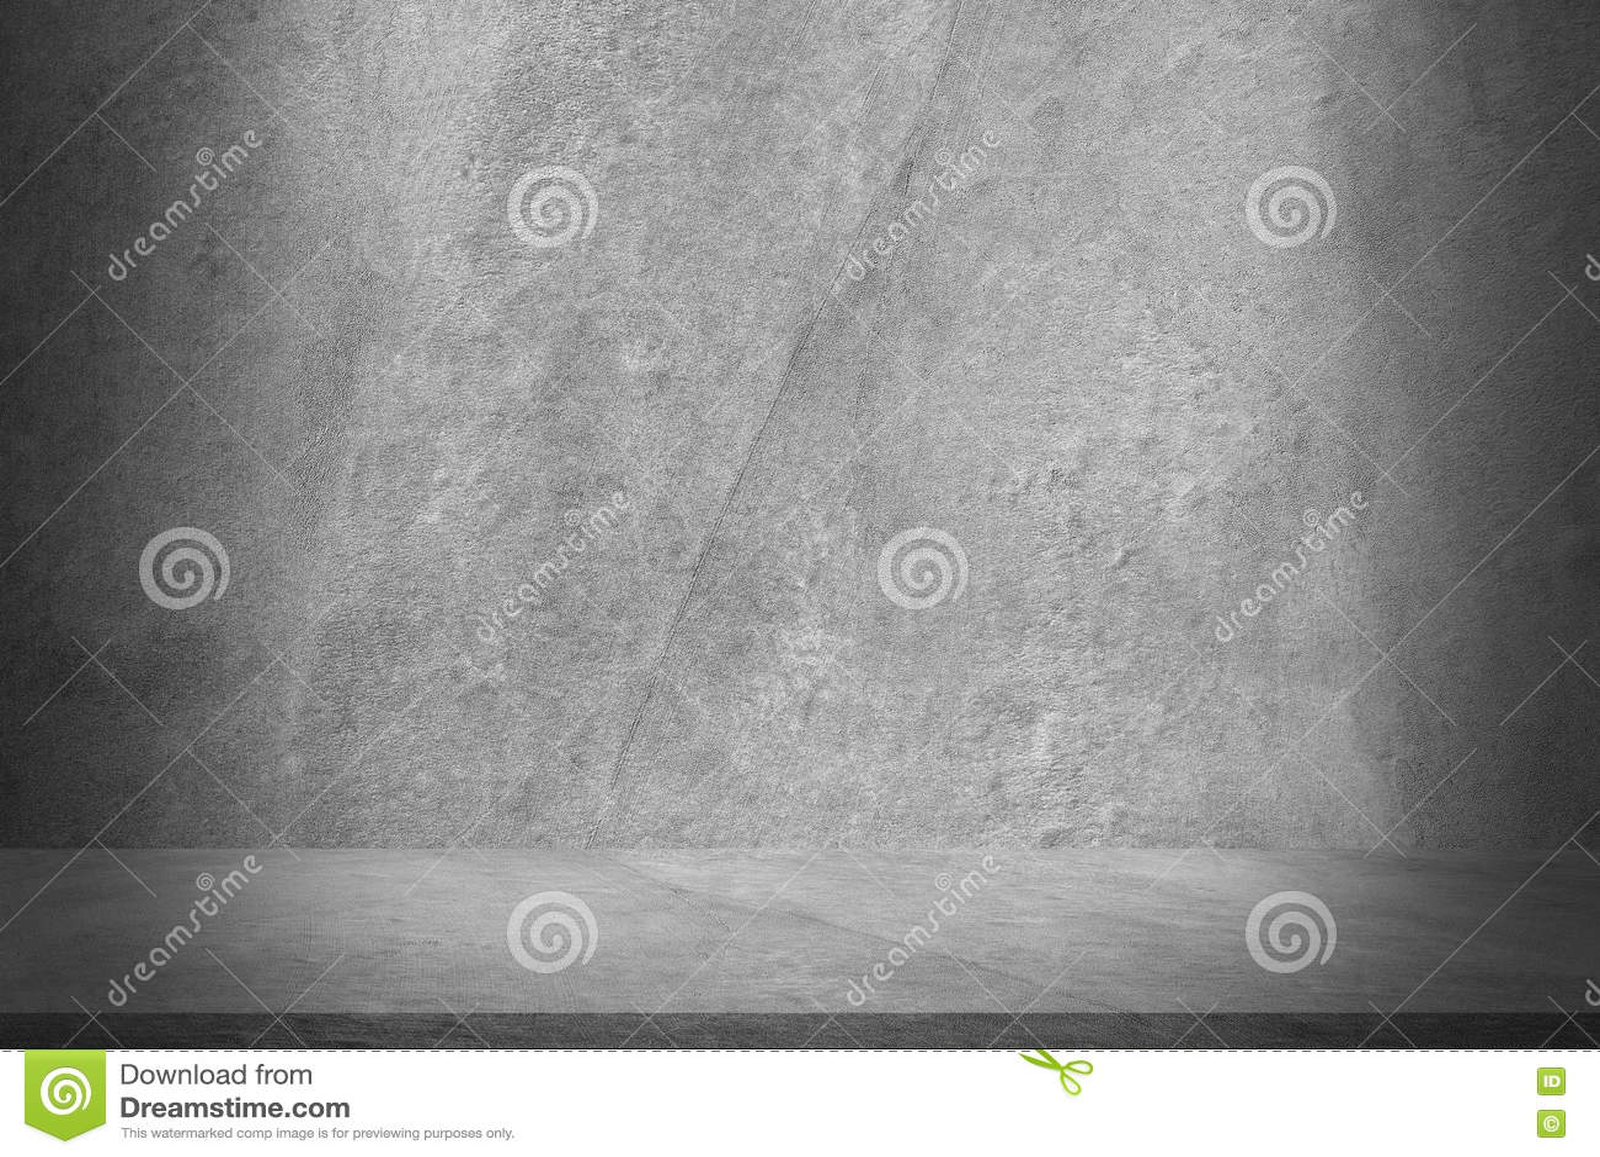 Download Zementieren Sie Wand Und Boden Mit Schatten Für Muster Und  Hintergrund Stockfoto   Bild Von